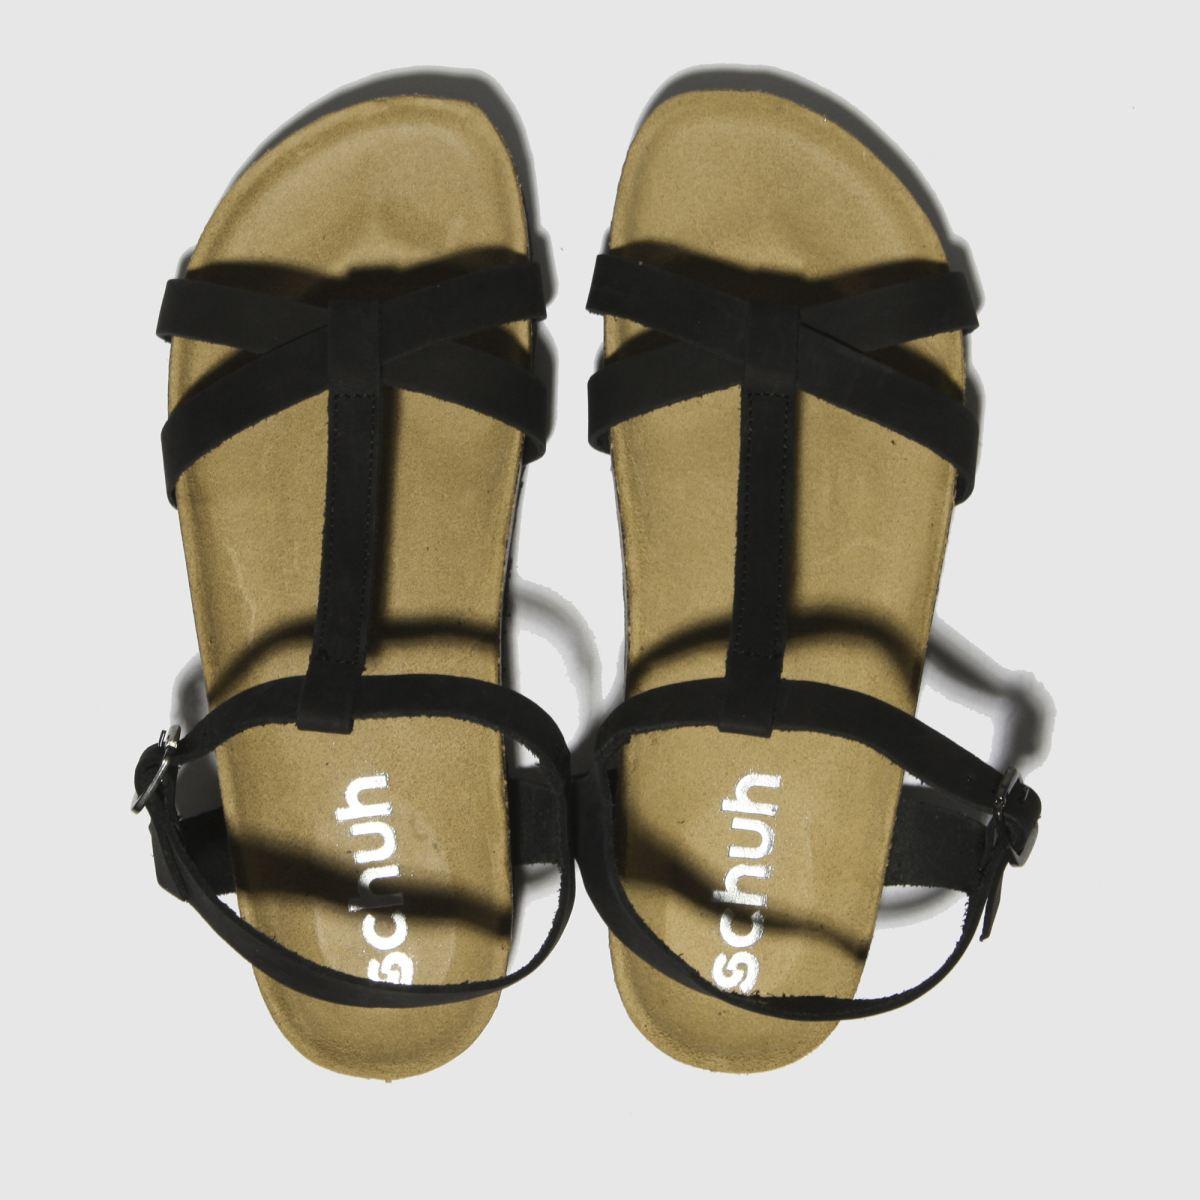 schuh Schuh Black Cancun Sandals